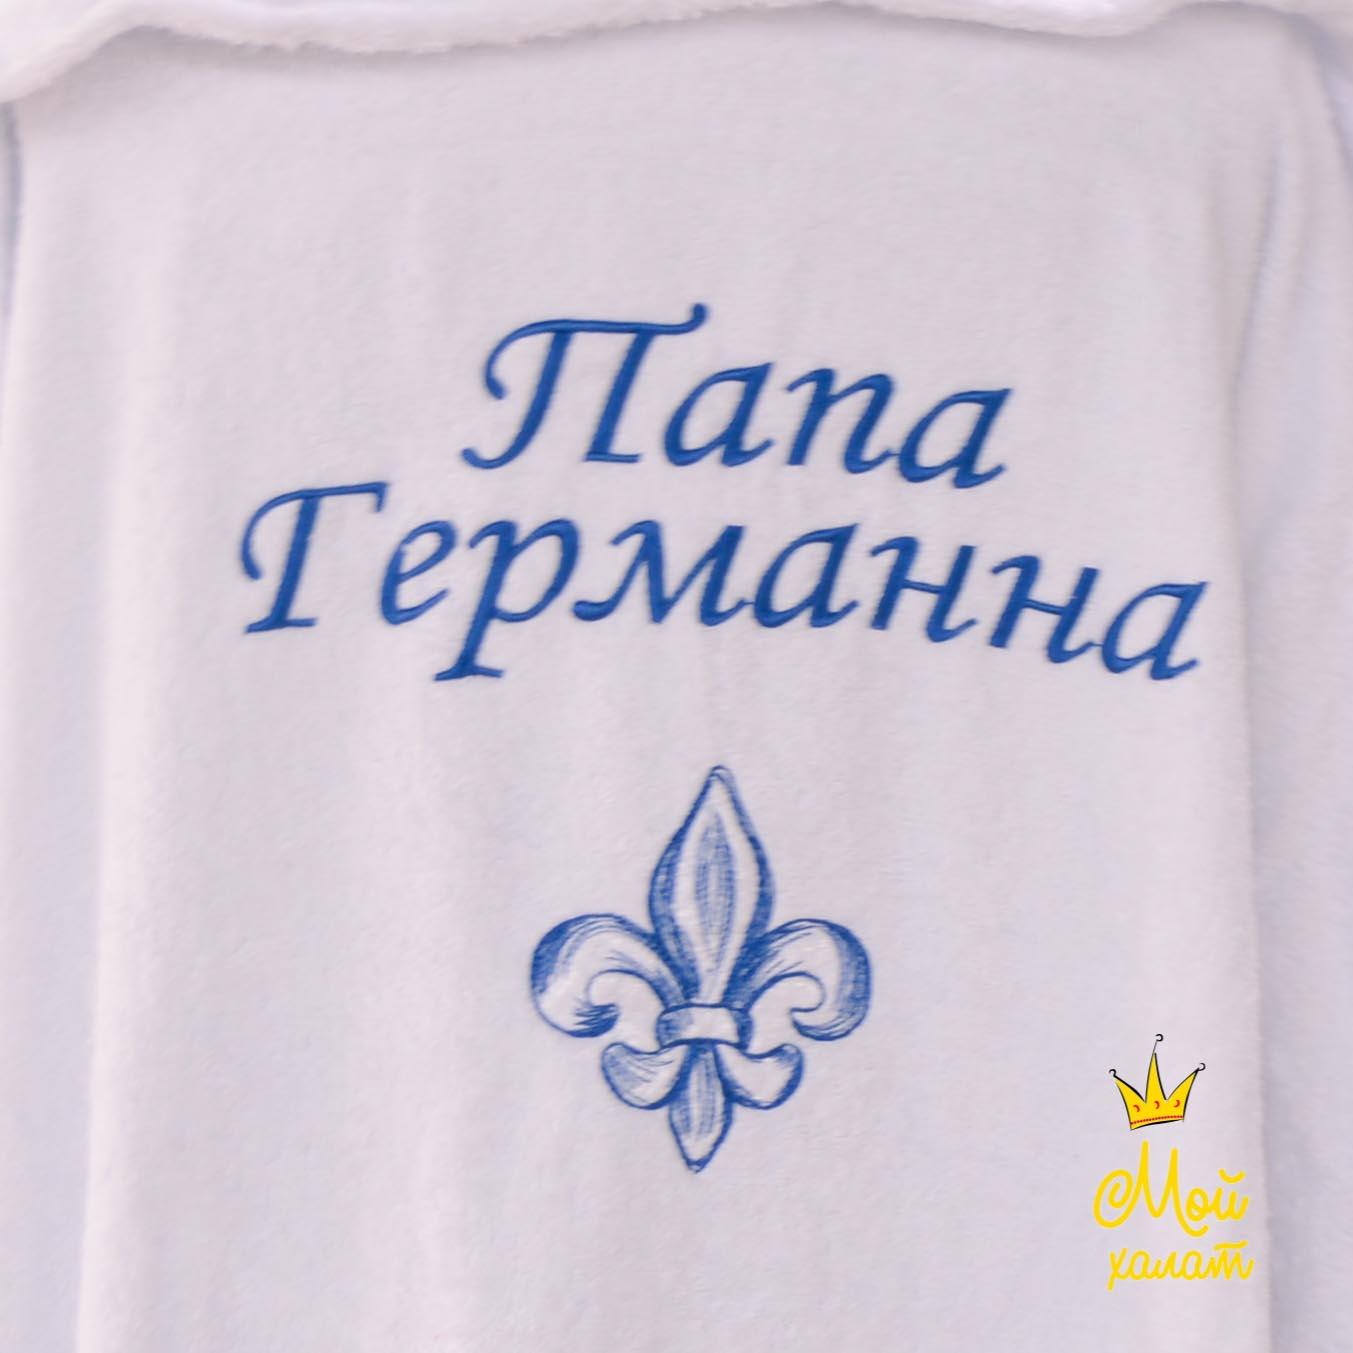 Халаты с именной вышивкой 1 в Беларуси. Халаты на заказ и красивой